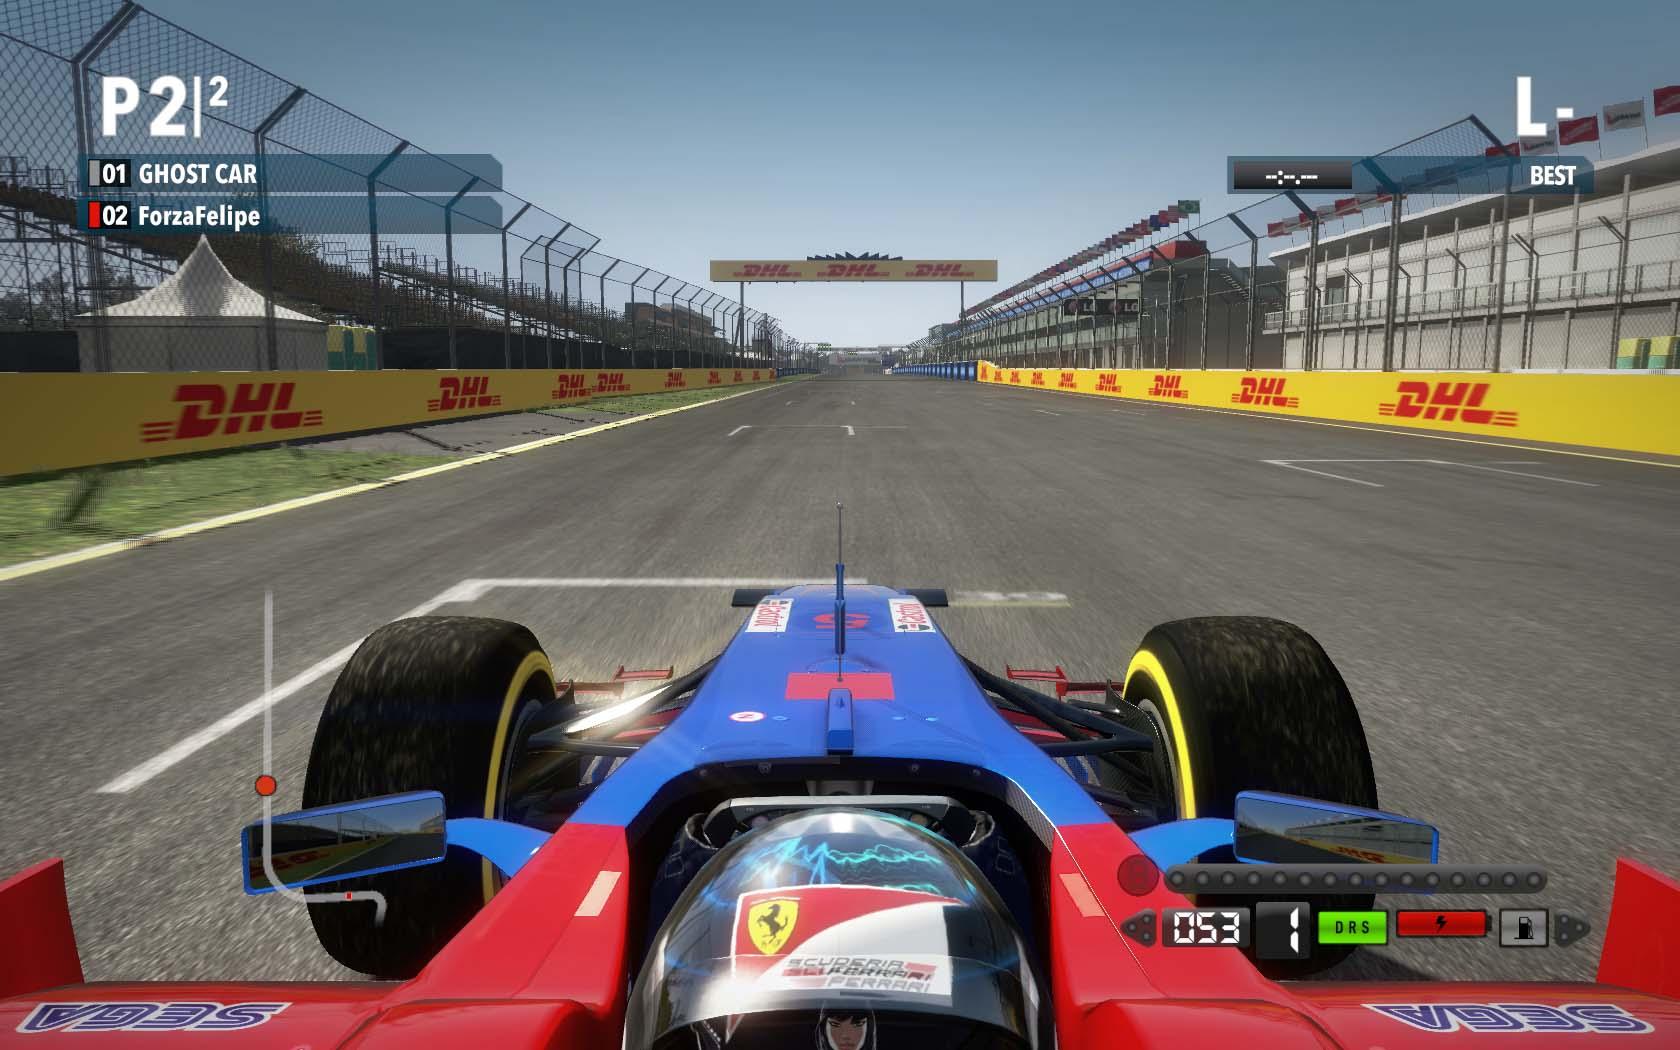 F1_2012 2013-03-29 14-57-55-35.jpg